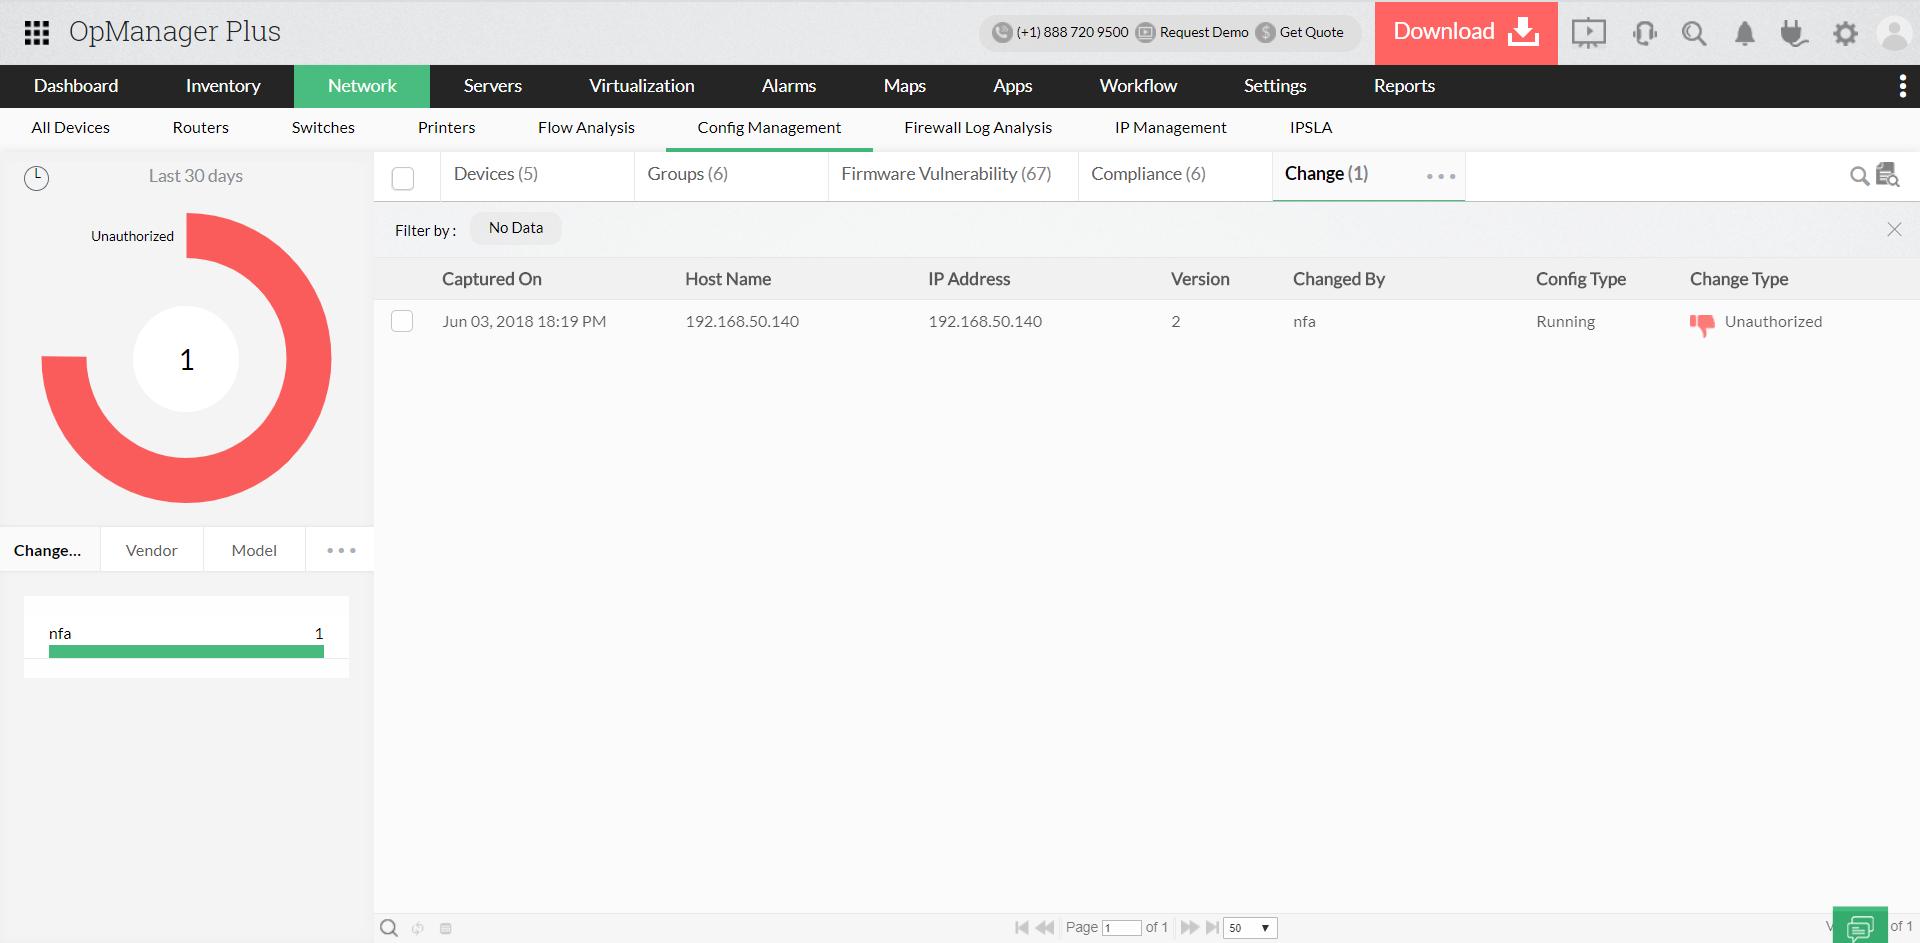 Yapılandırma değişikliklerini izleme - ManageEngine OpManager Plus